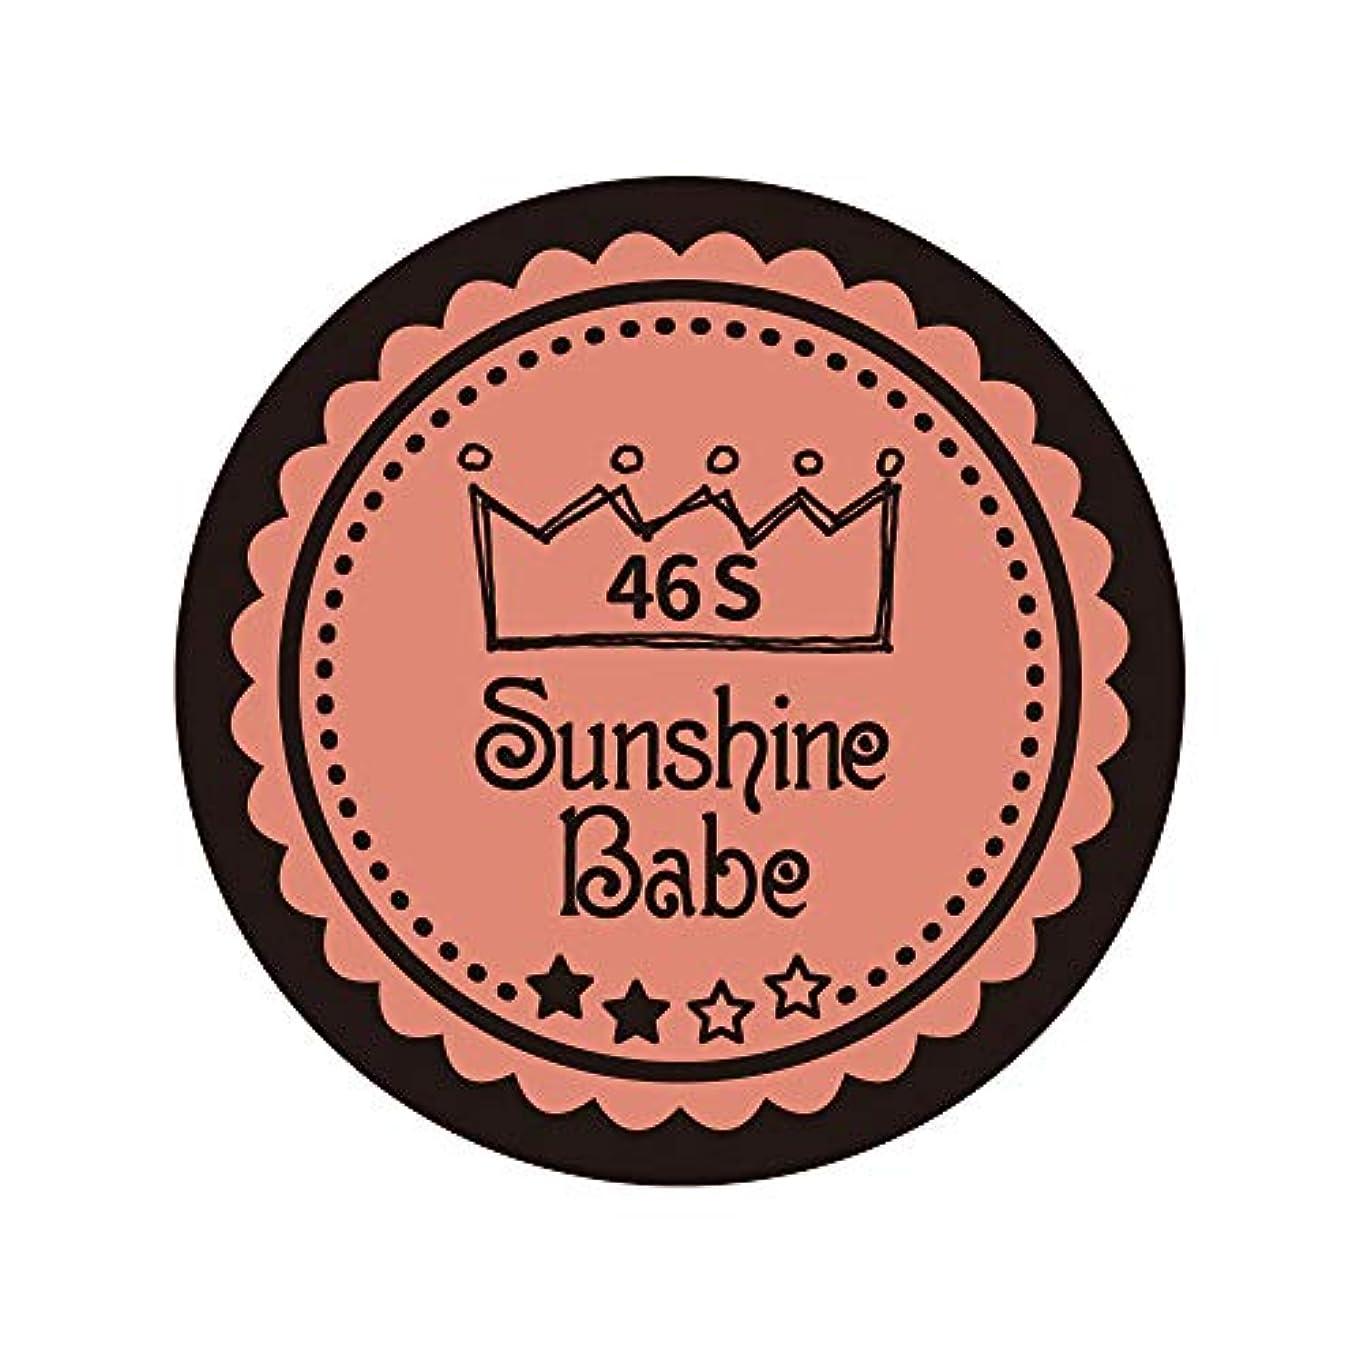 群衆端末謝るSunshine Babe カラージェル 46S ピンクベージュ 2.7g UV/LED対応